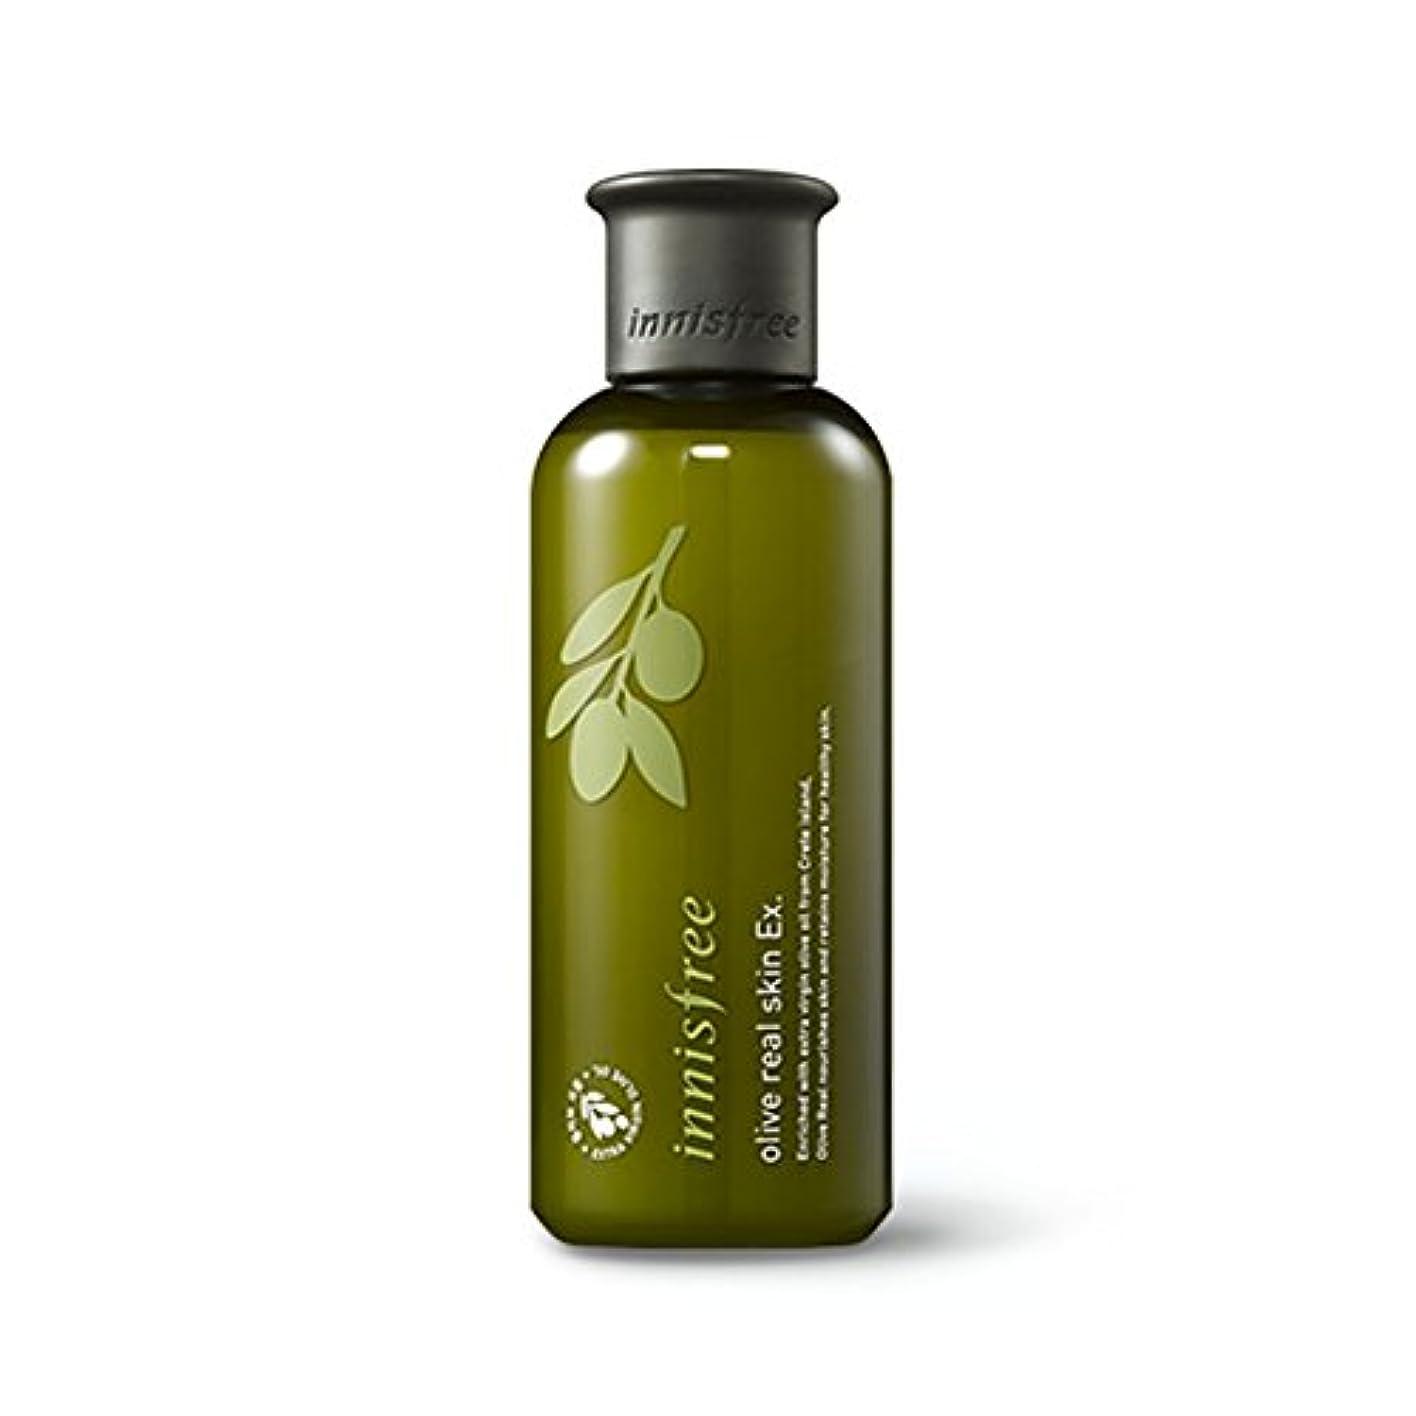 プラスチックメッシュ静けさイニスフリーオリーブリアルスキン 200ml Innisfree Olive Real Skin Ex. 200ml [海外直送品][並行輸入品]